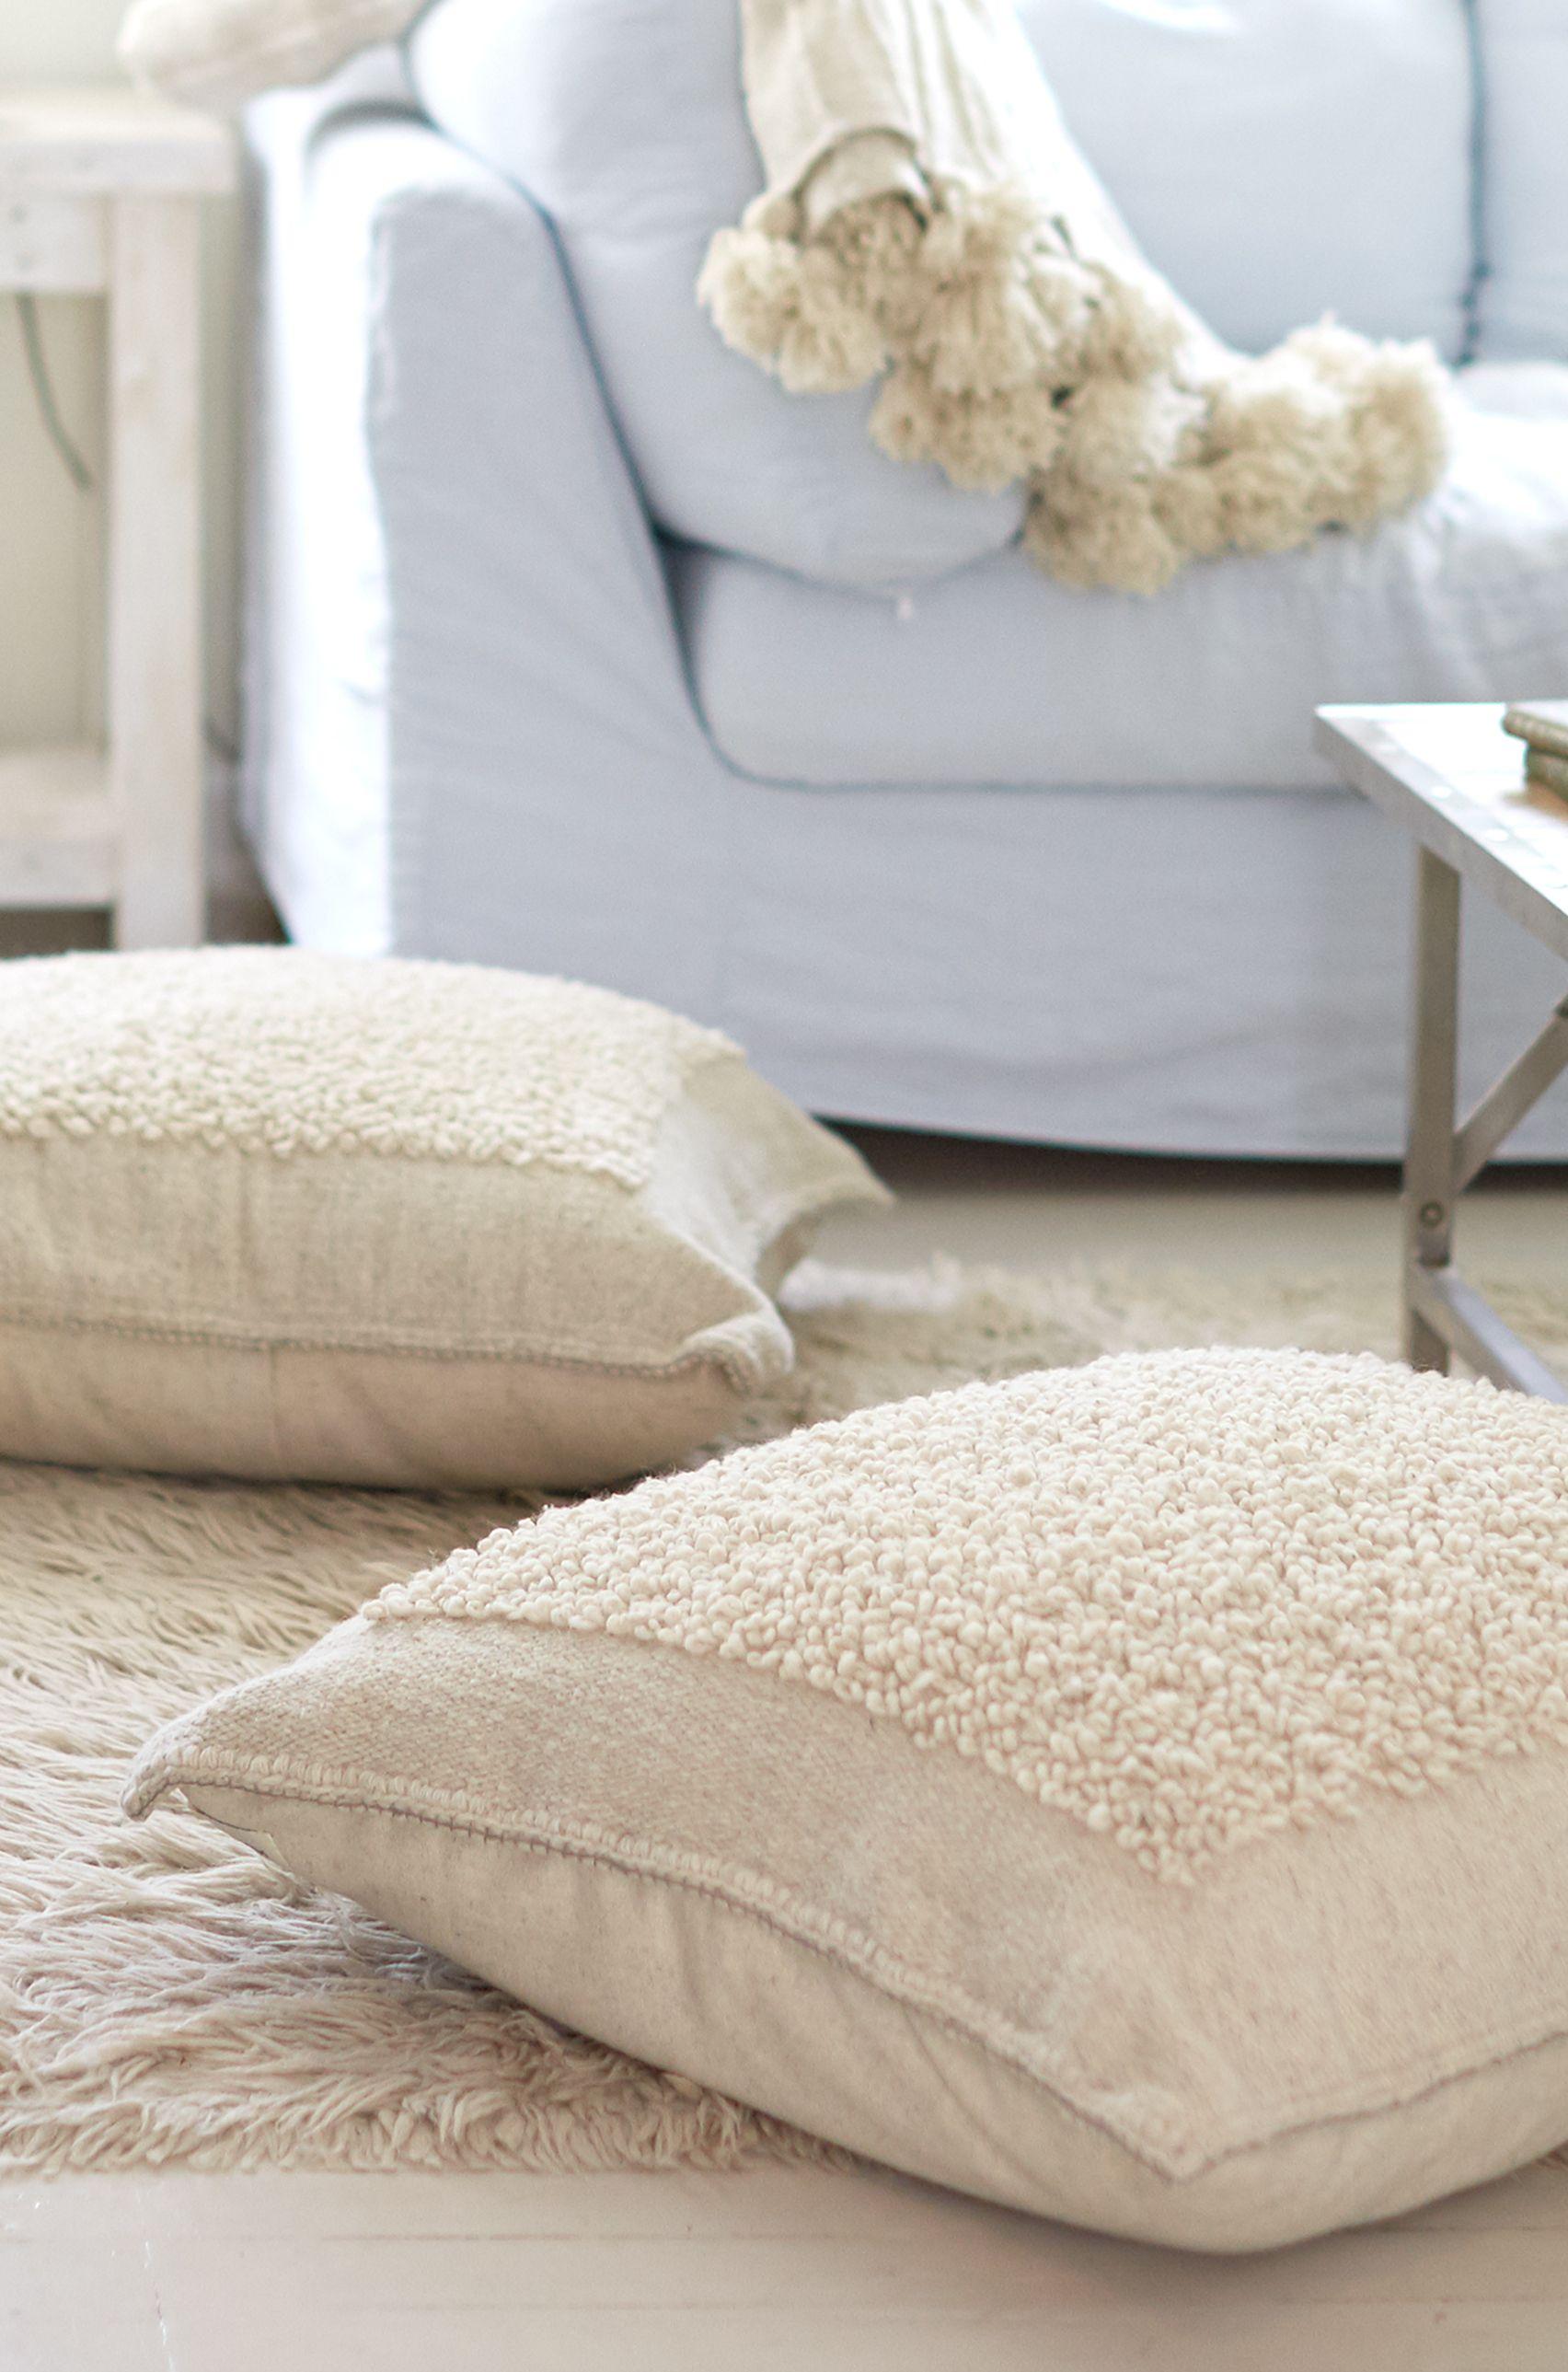 firerrod pillows decorative goods home pillow